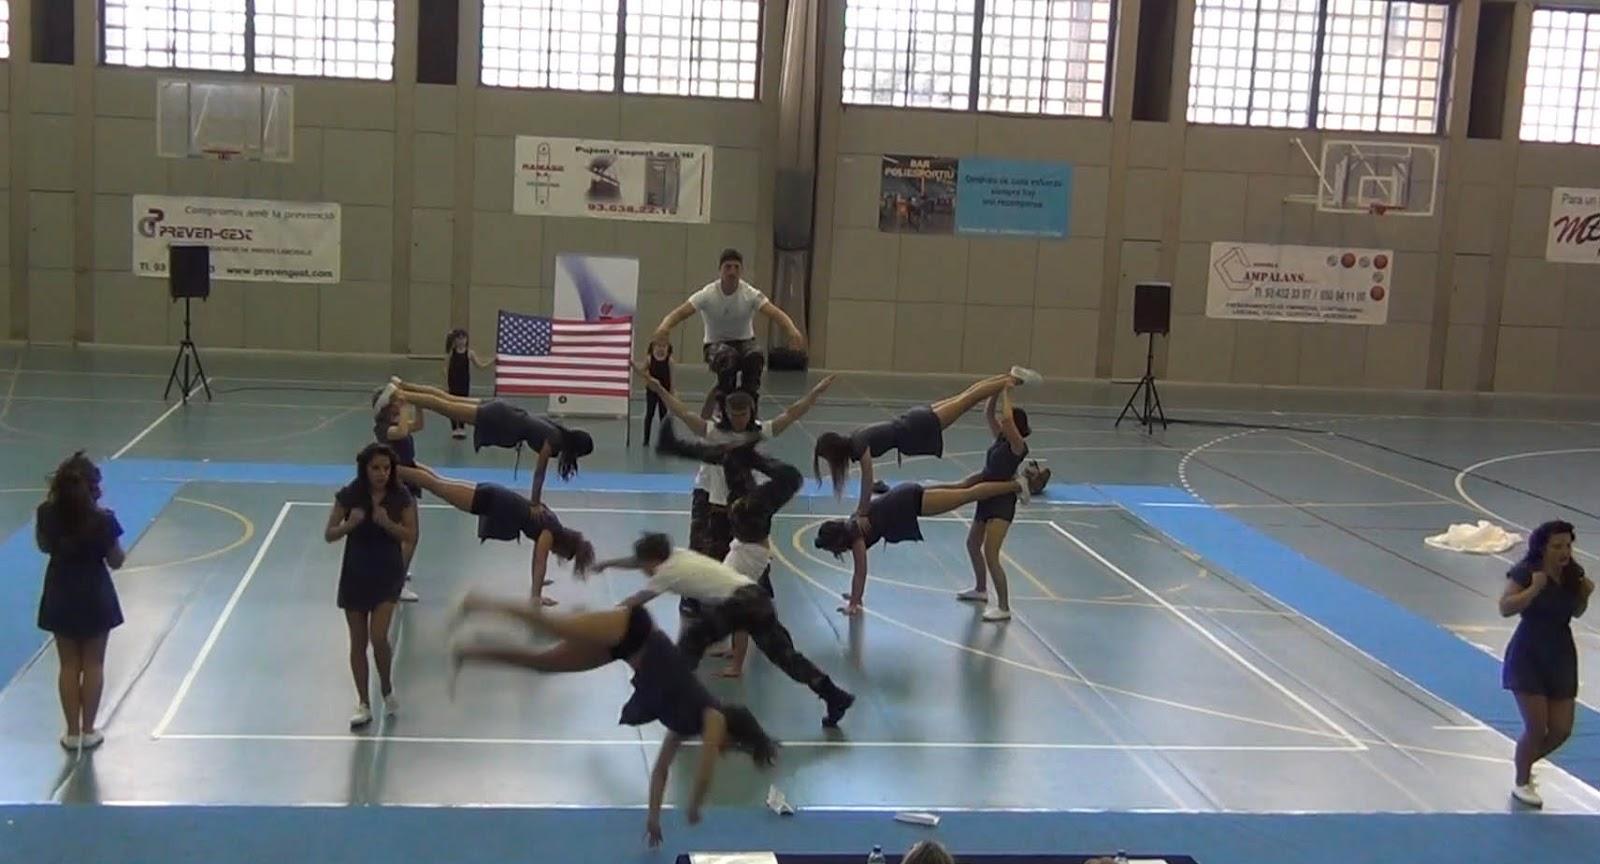 Escuela de danza y acrobacia gimnasio pir mide for Gimnasio hospitalet